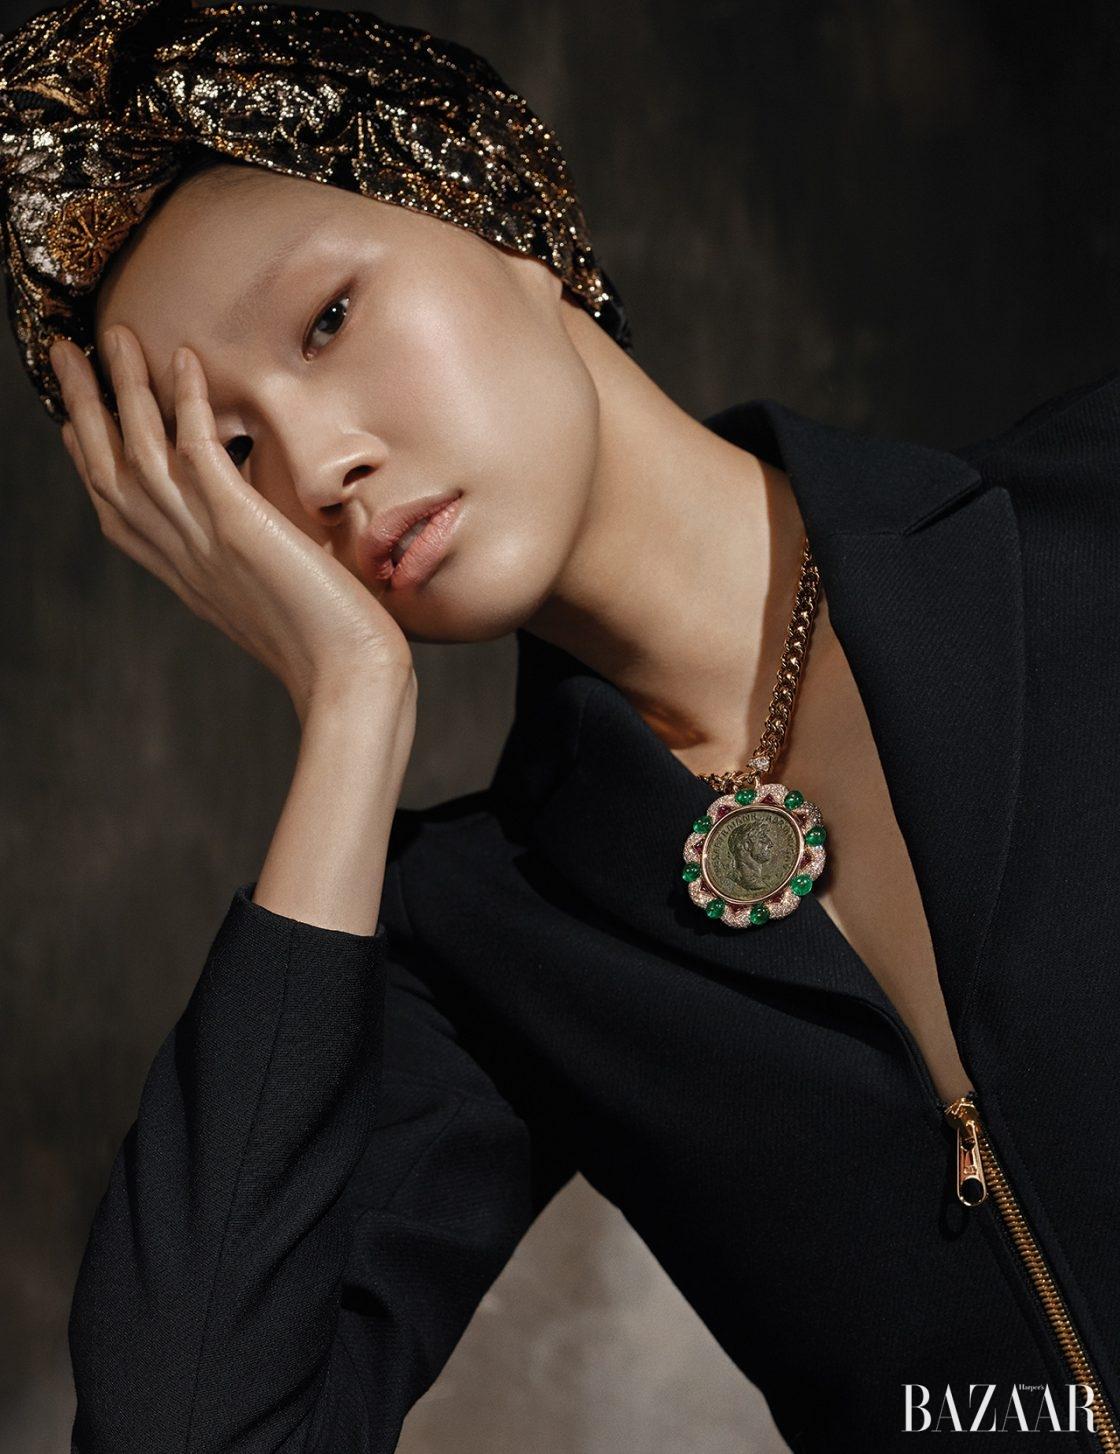 수트는 6백만원대로 Dior, 글로시한 자카드 헤드밴드는 1백12만원으로 Gucci, 신성함과 세속성, 과거와 현대가 동시에 공존하는 코인을 현대적으로 재해석한 '모네떼 하이주얼리 컬렉션' 목걸이는 Bulgari 제품.